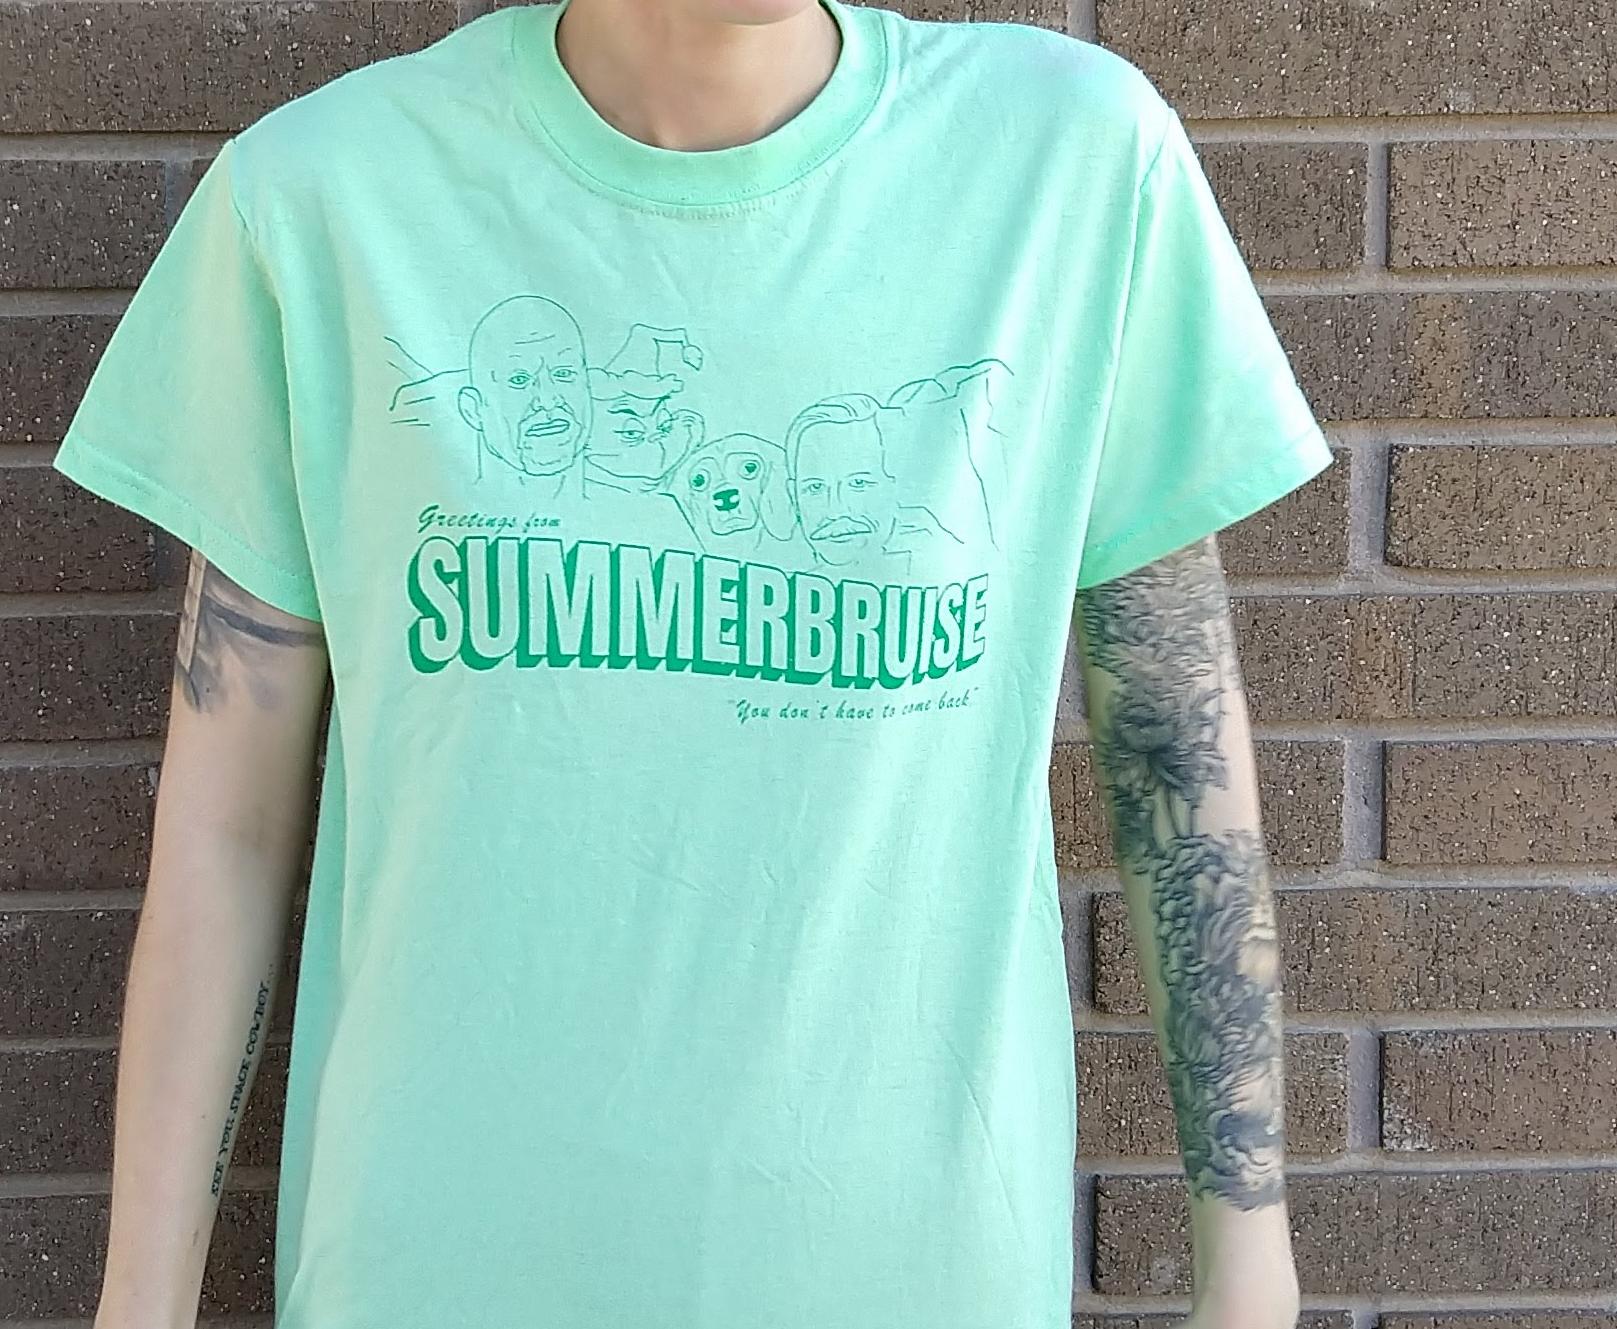 Summerbruise -  Mount Rushmore Shirt